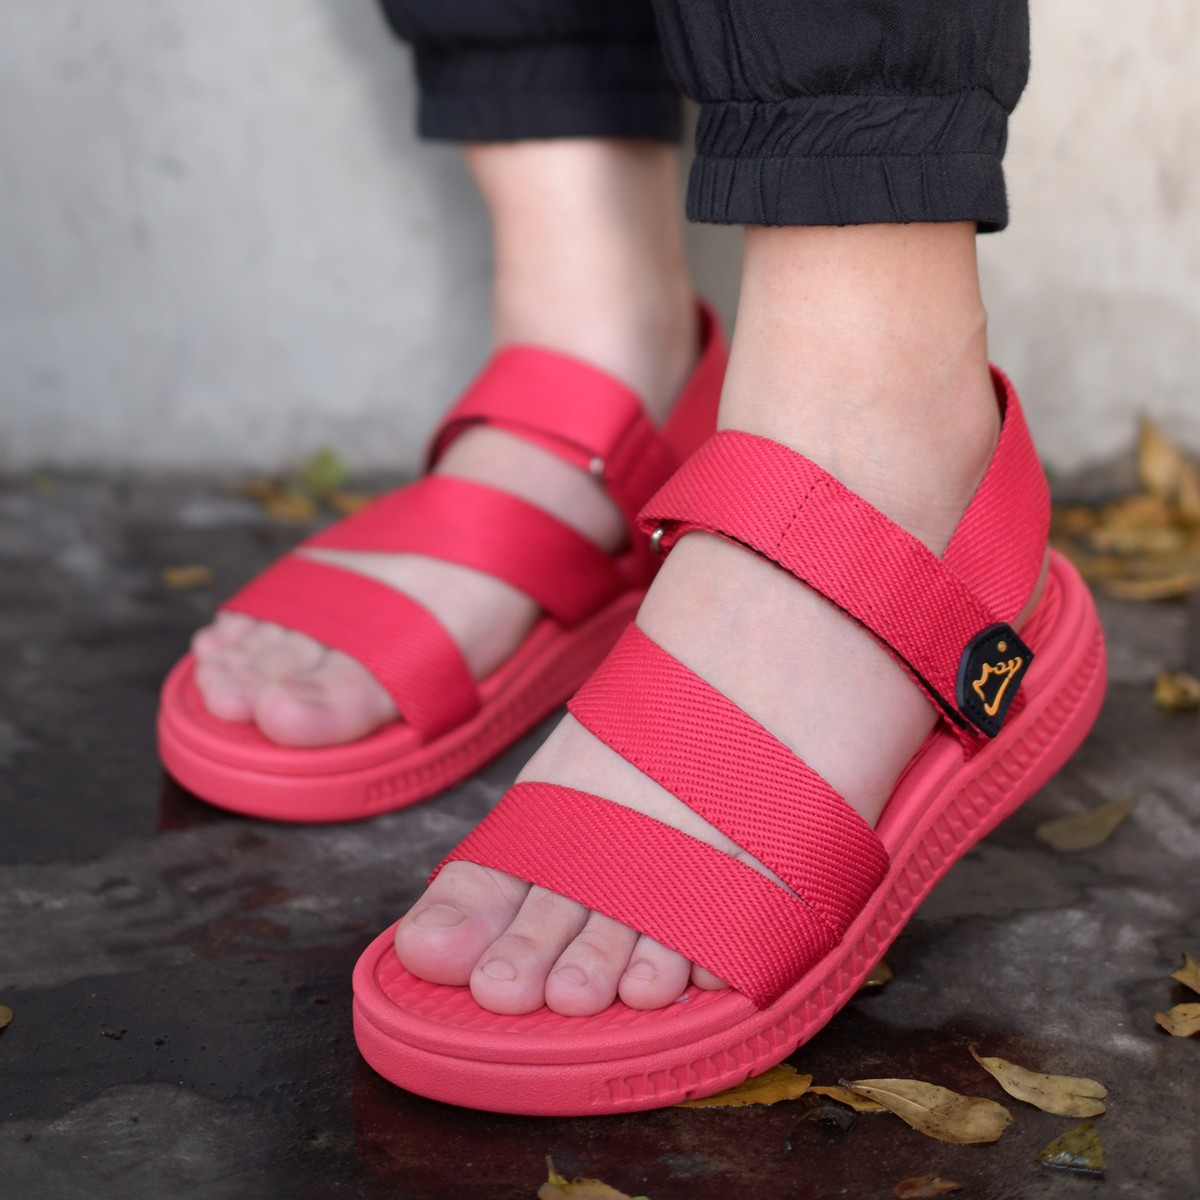 Giày xăng đan nữ công nghệ siêu nhẹ hiệu MOL thích hợp mang đi học MS2R